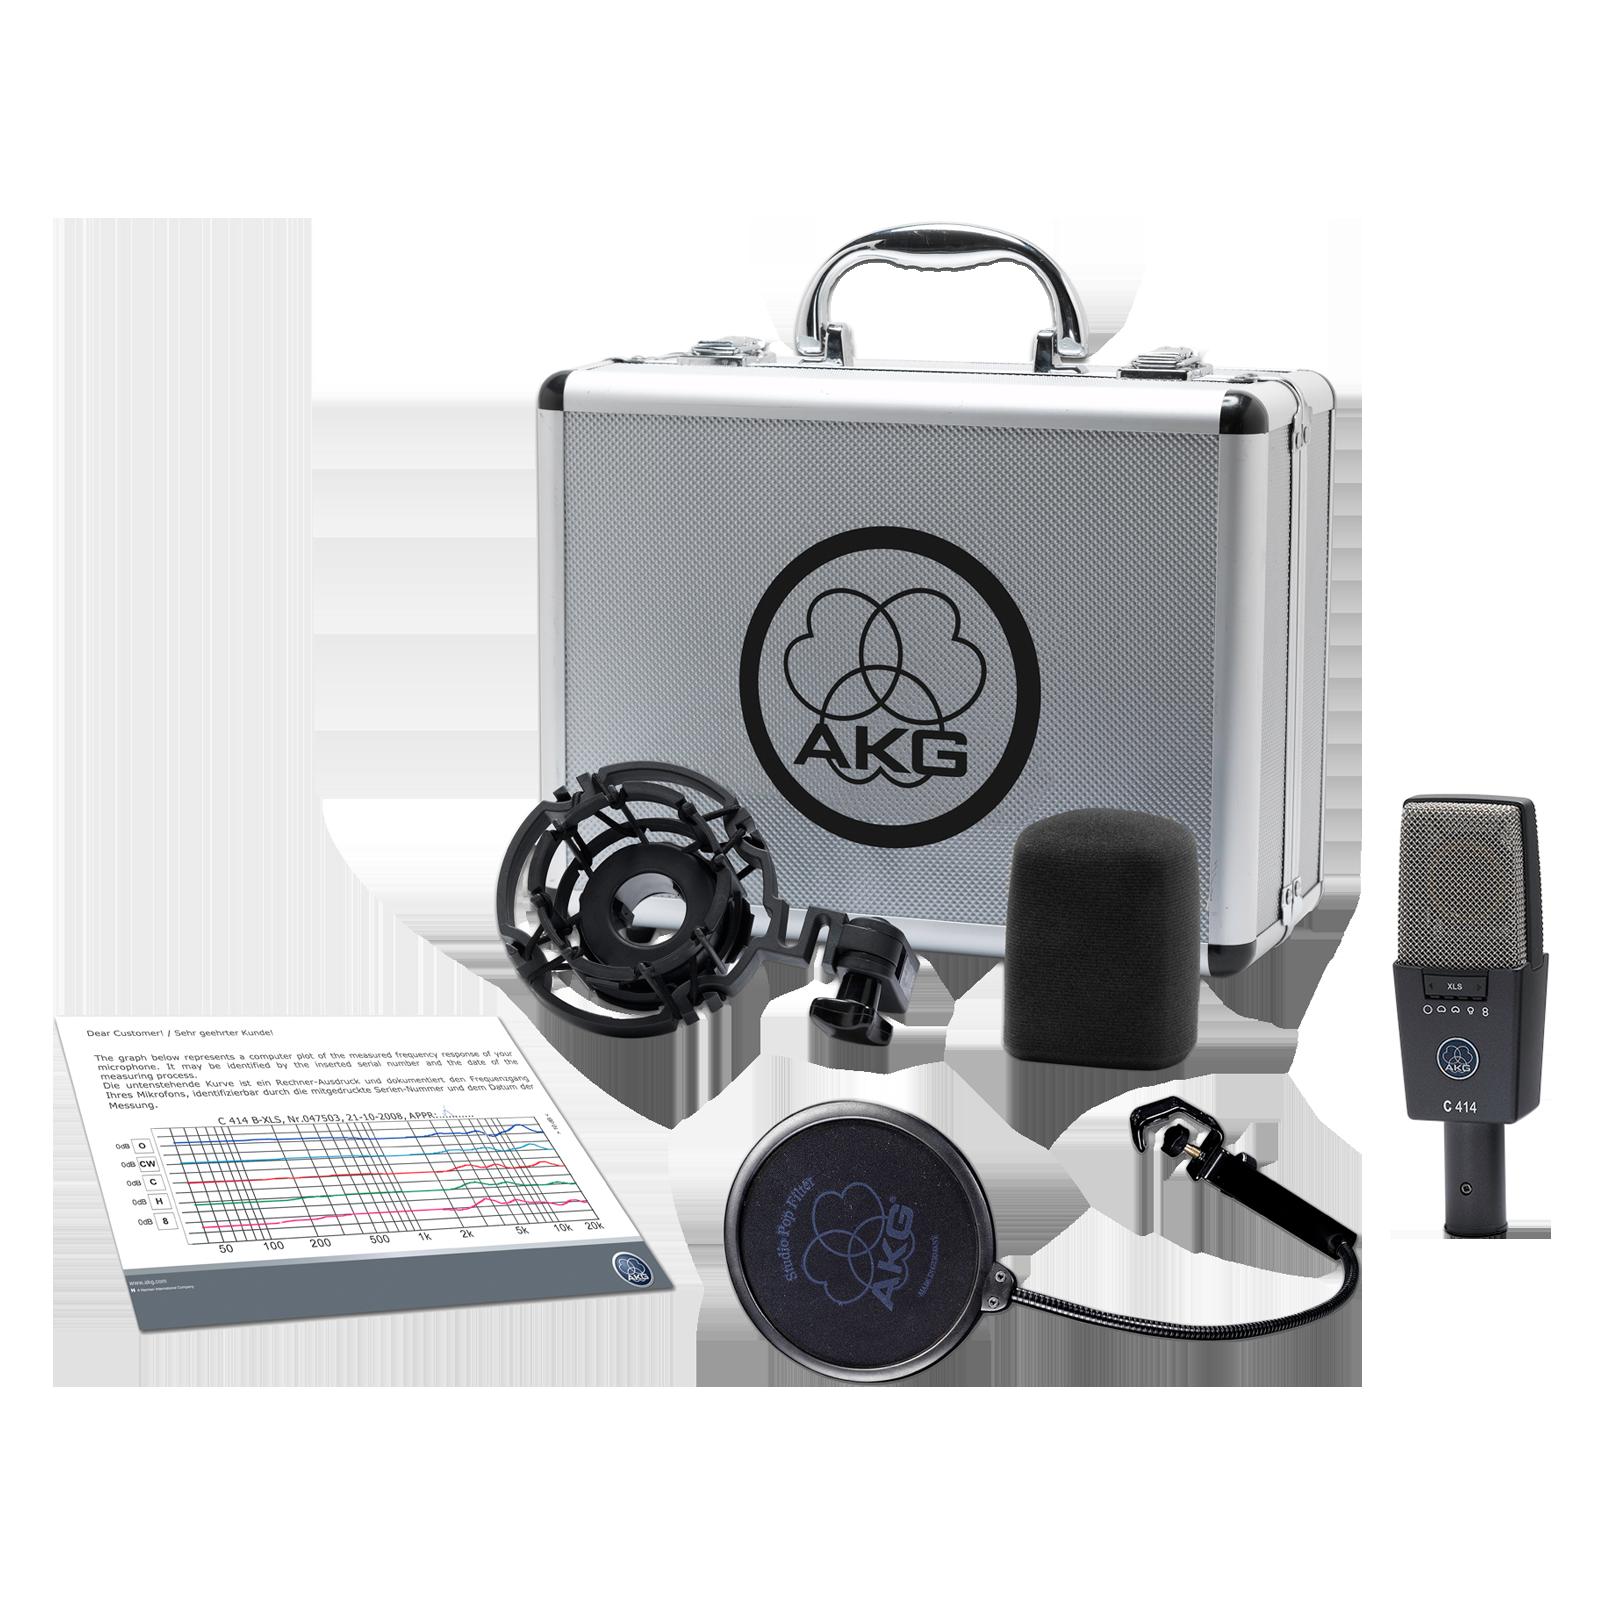 C414 XLS - Black - Reference multipattern  condenser microphone - Detailshot 1